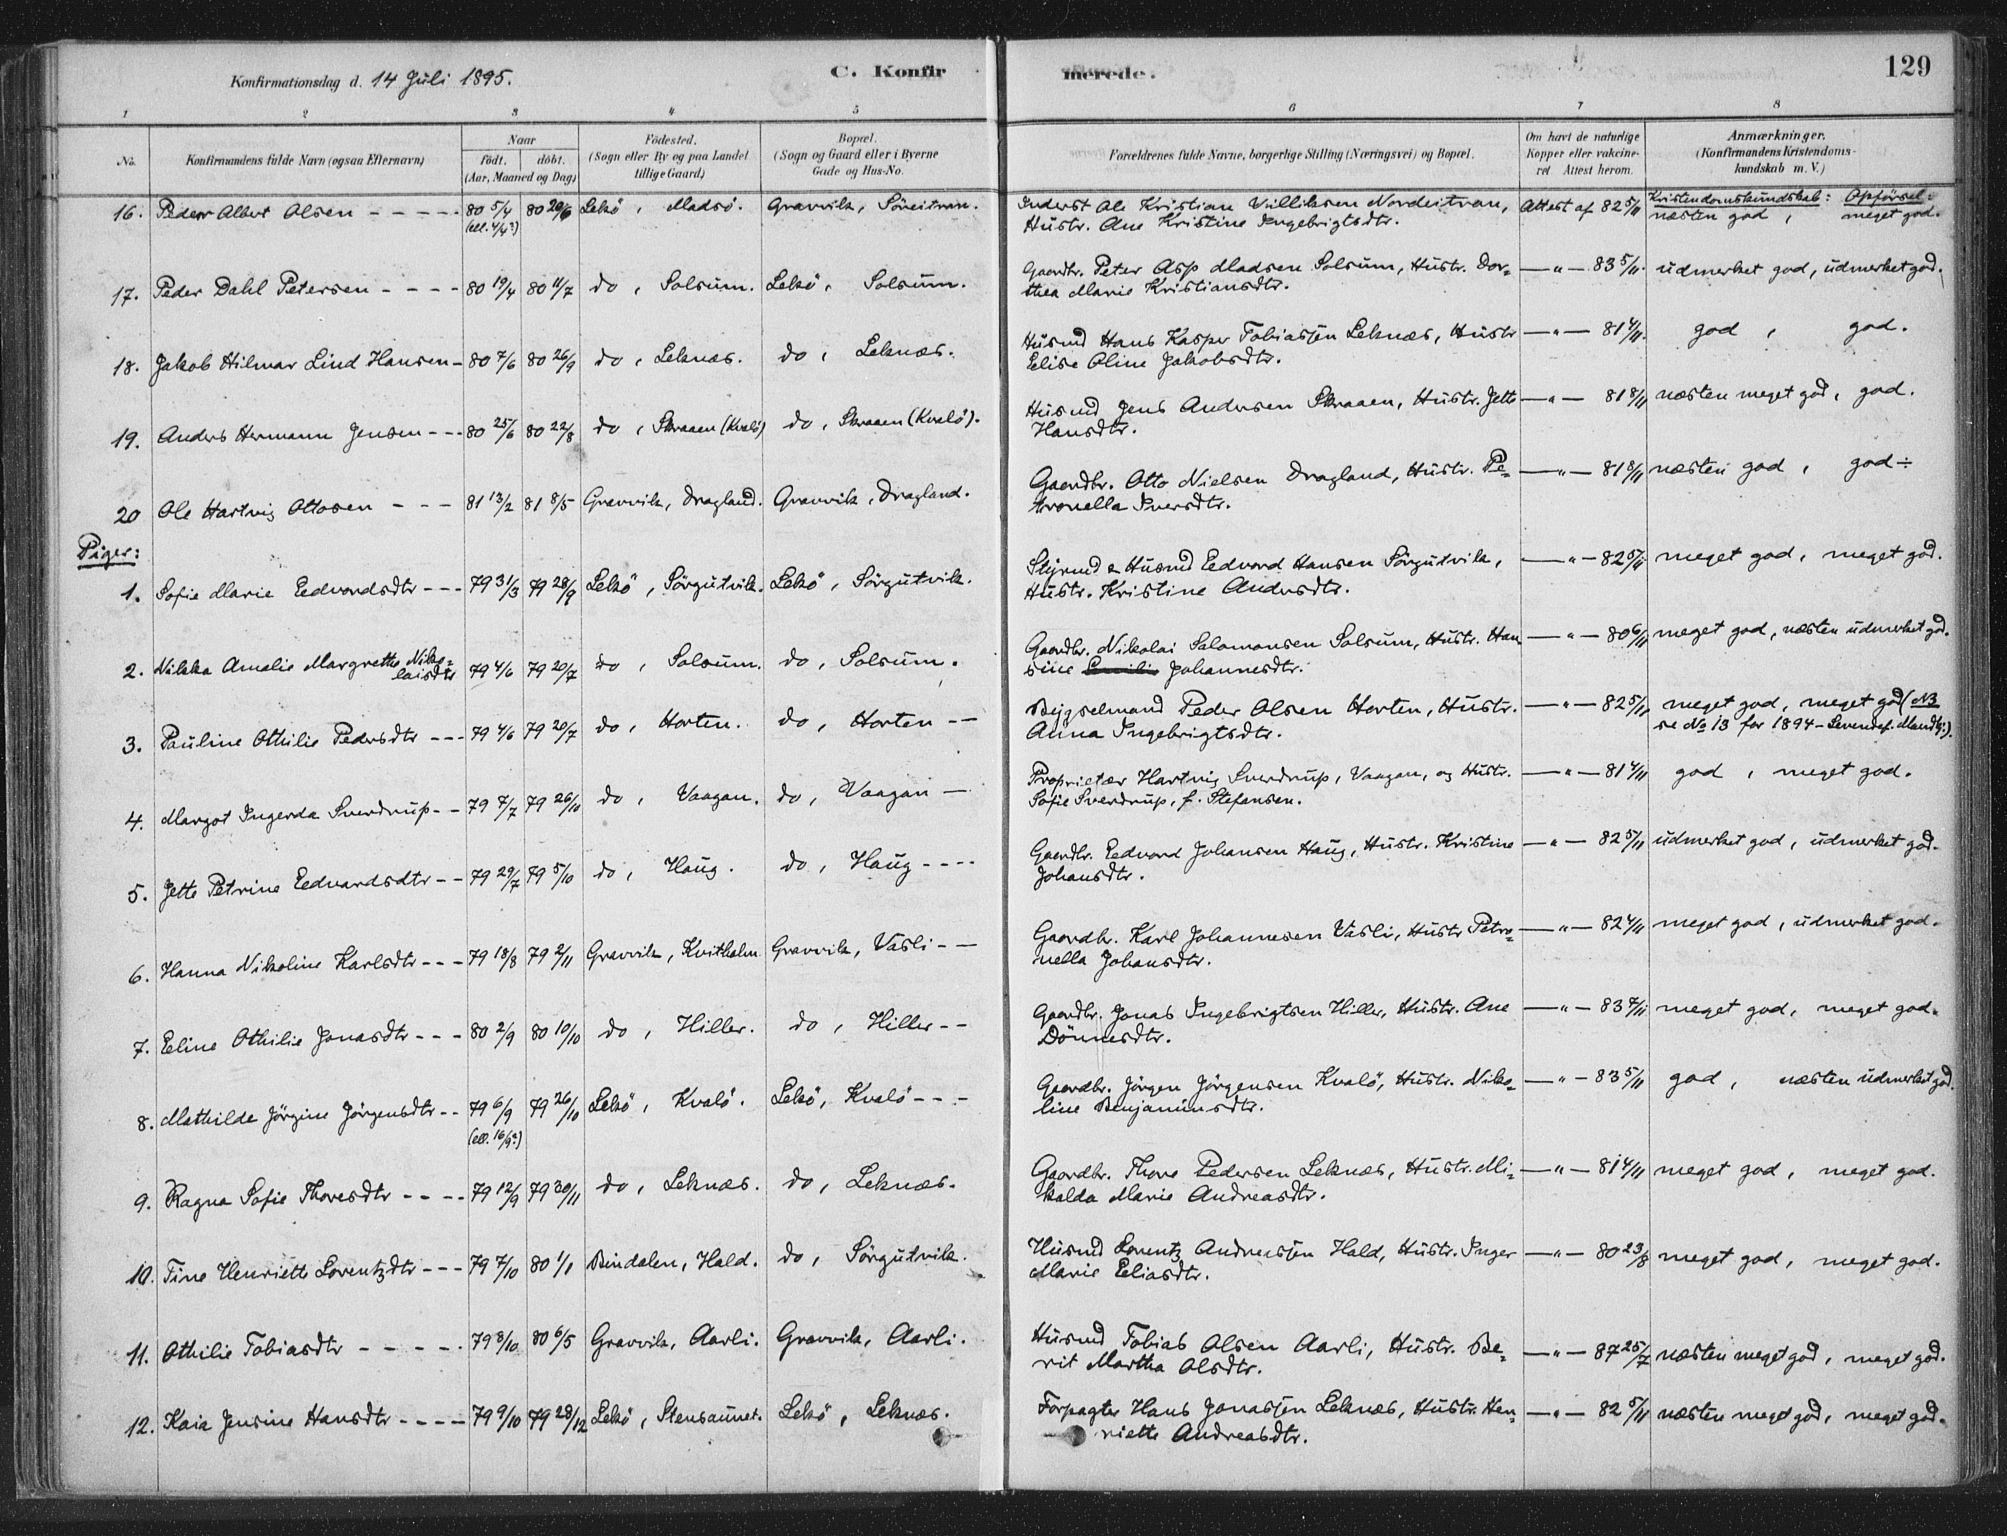 SAT, Ministerialprotokoller, klokkerbøker og fødselsregistre - Nord-Trøndelag, 788/L0697: Ministerialbok nr. 788A04, 1878-1902, s. 129